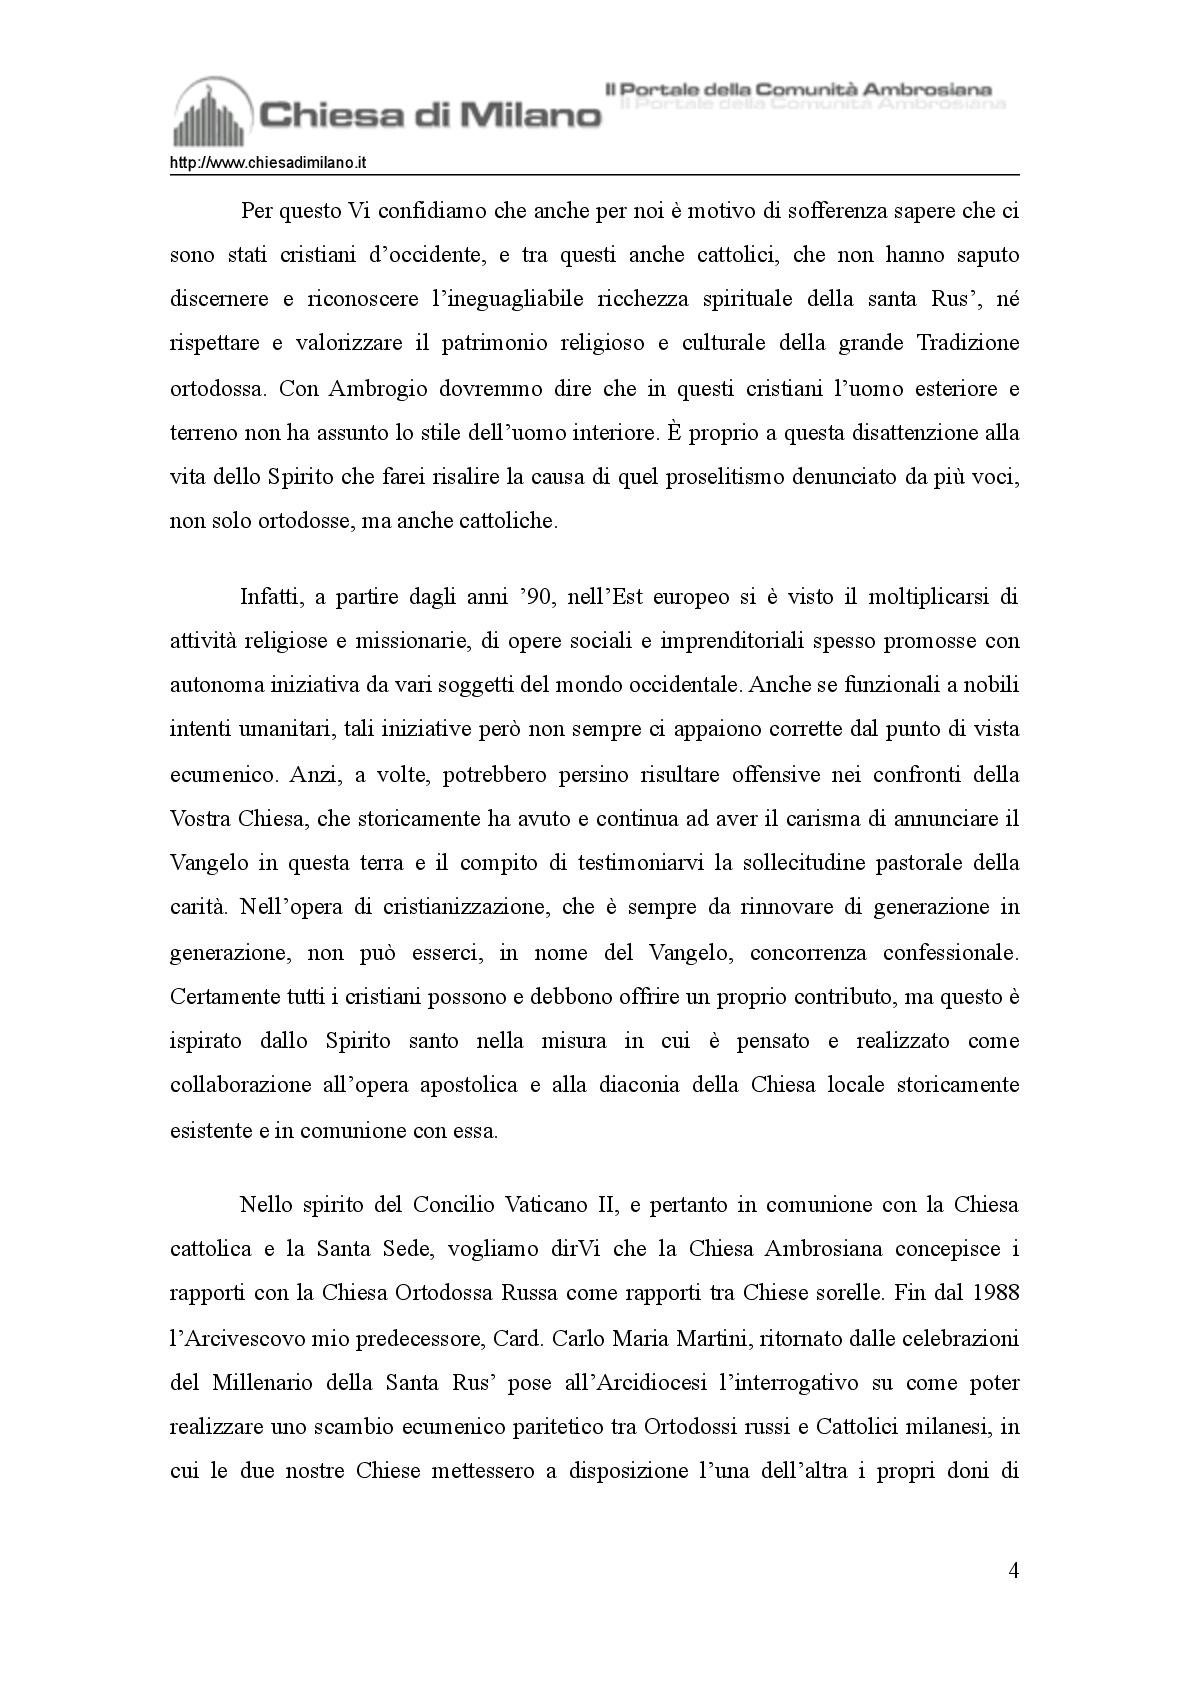 6-discorso-di-Tettamanzi-a-Mosca-004